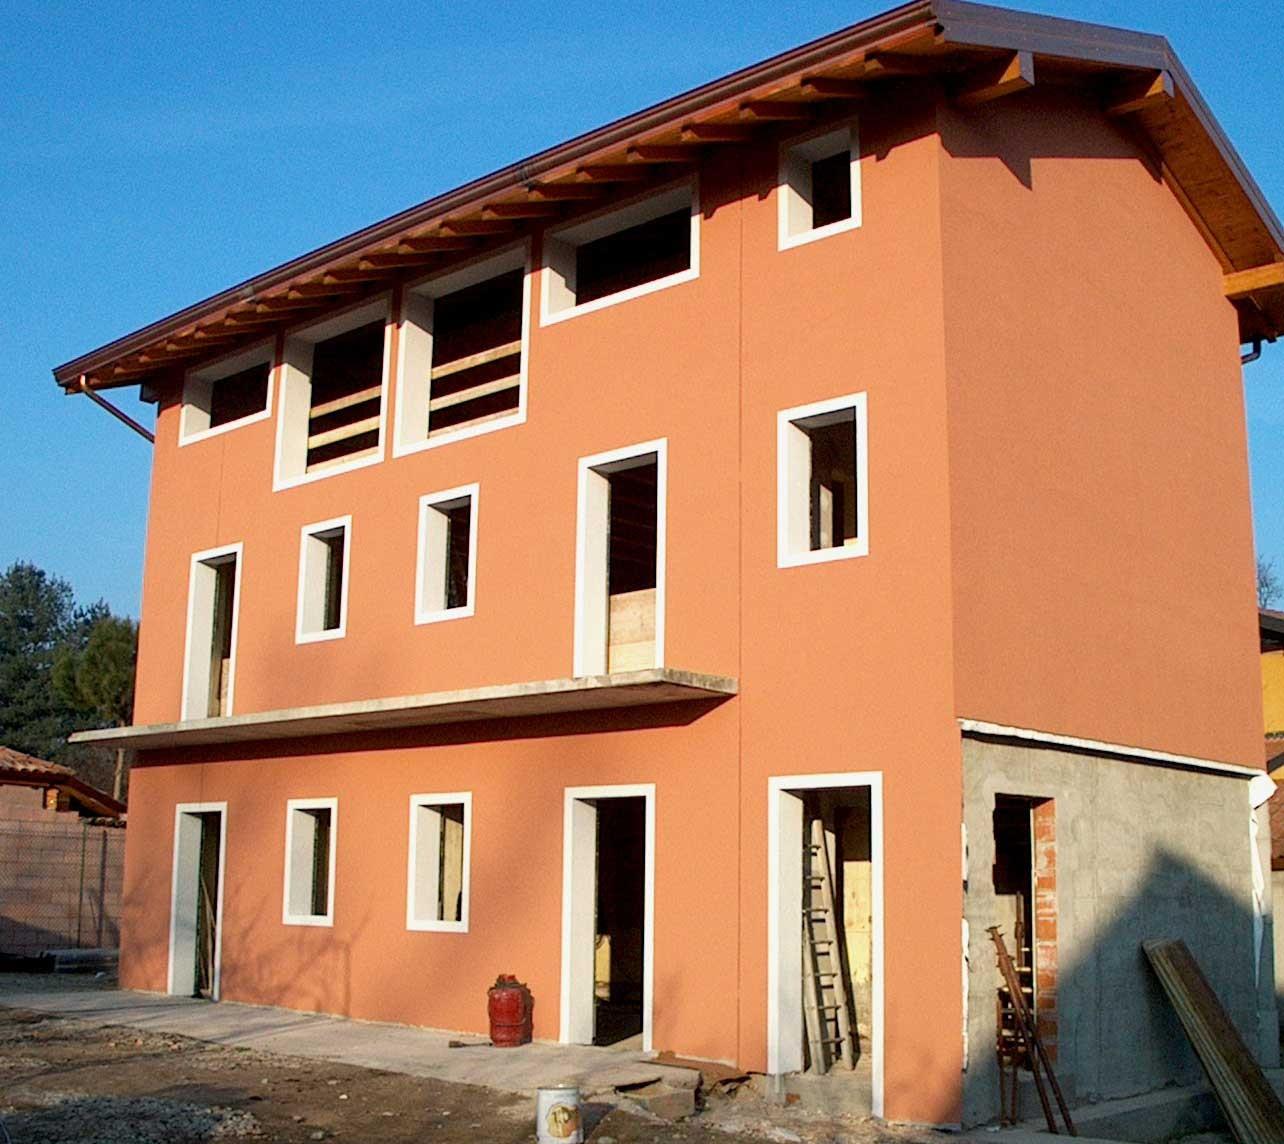 Free cappotto esterno fapas spa materiali per edilizia with colorare casa esterno with colori - Colorare casa esterno ...